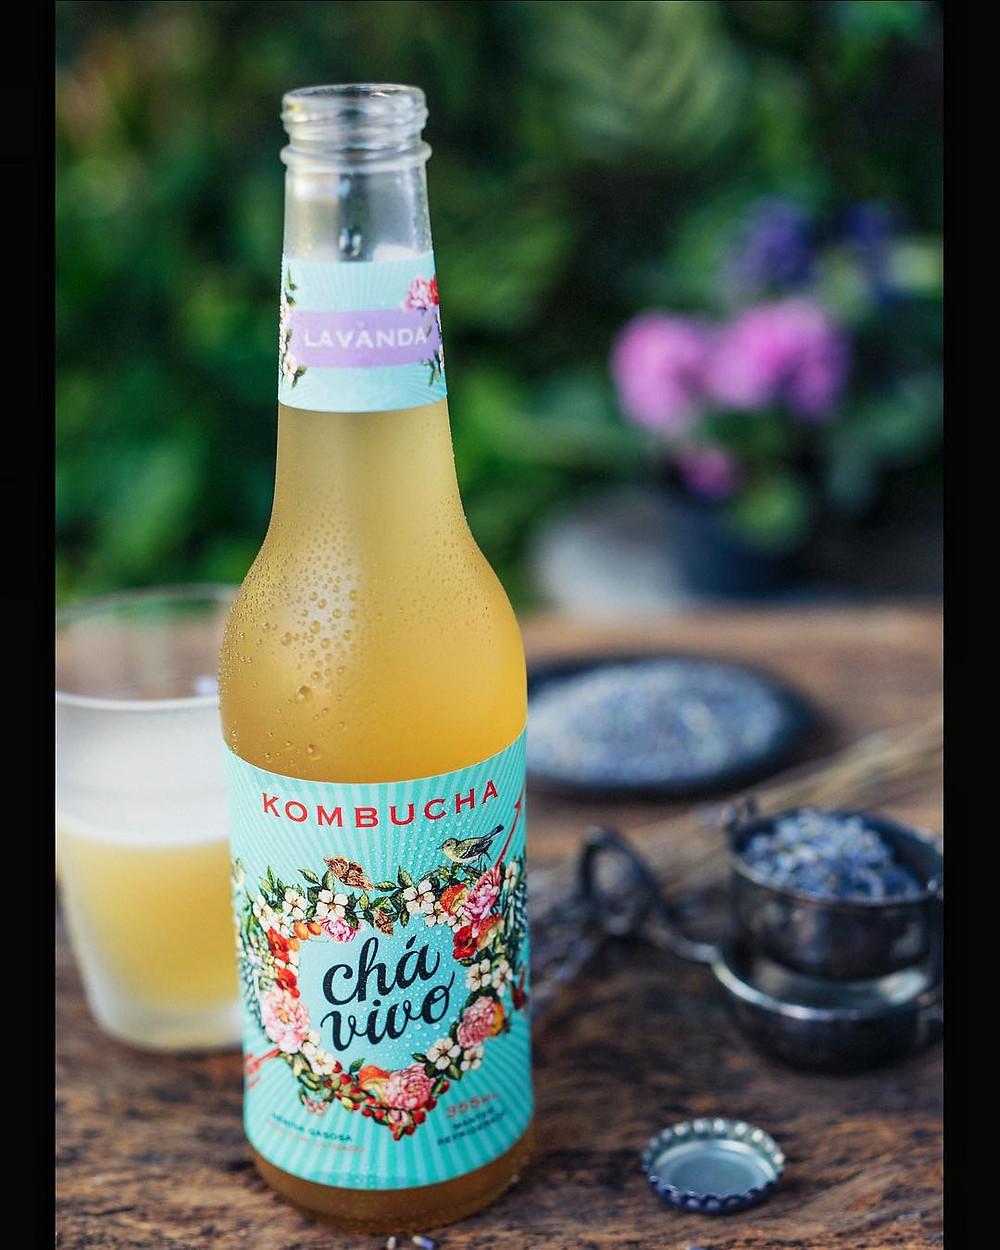 Chá Vivo - Foto do Instagram - Stéphanie Bueno Sem Rótulos